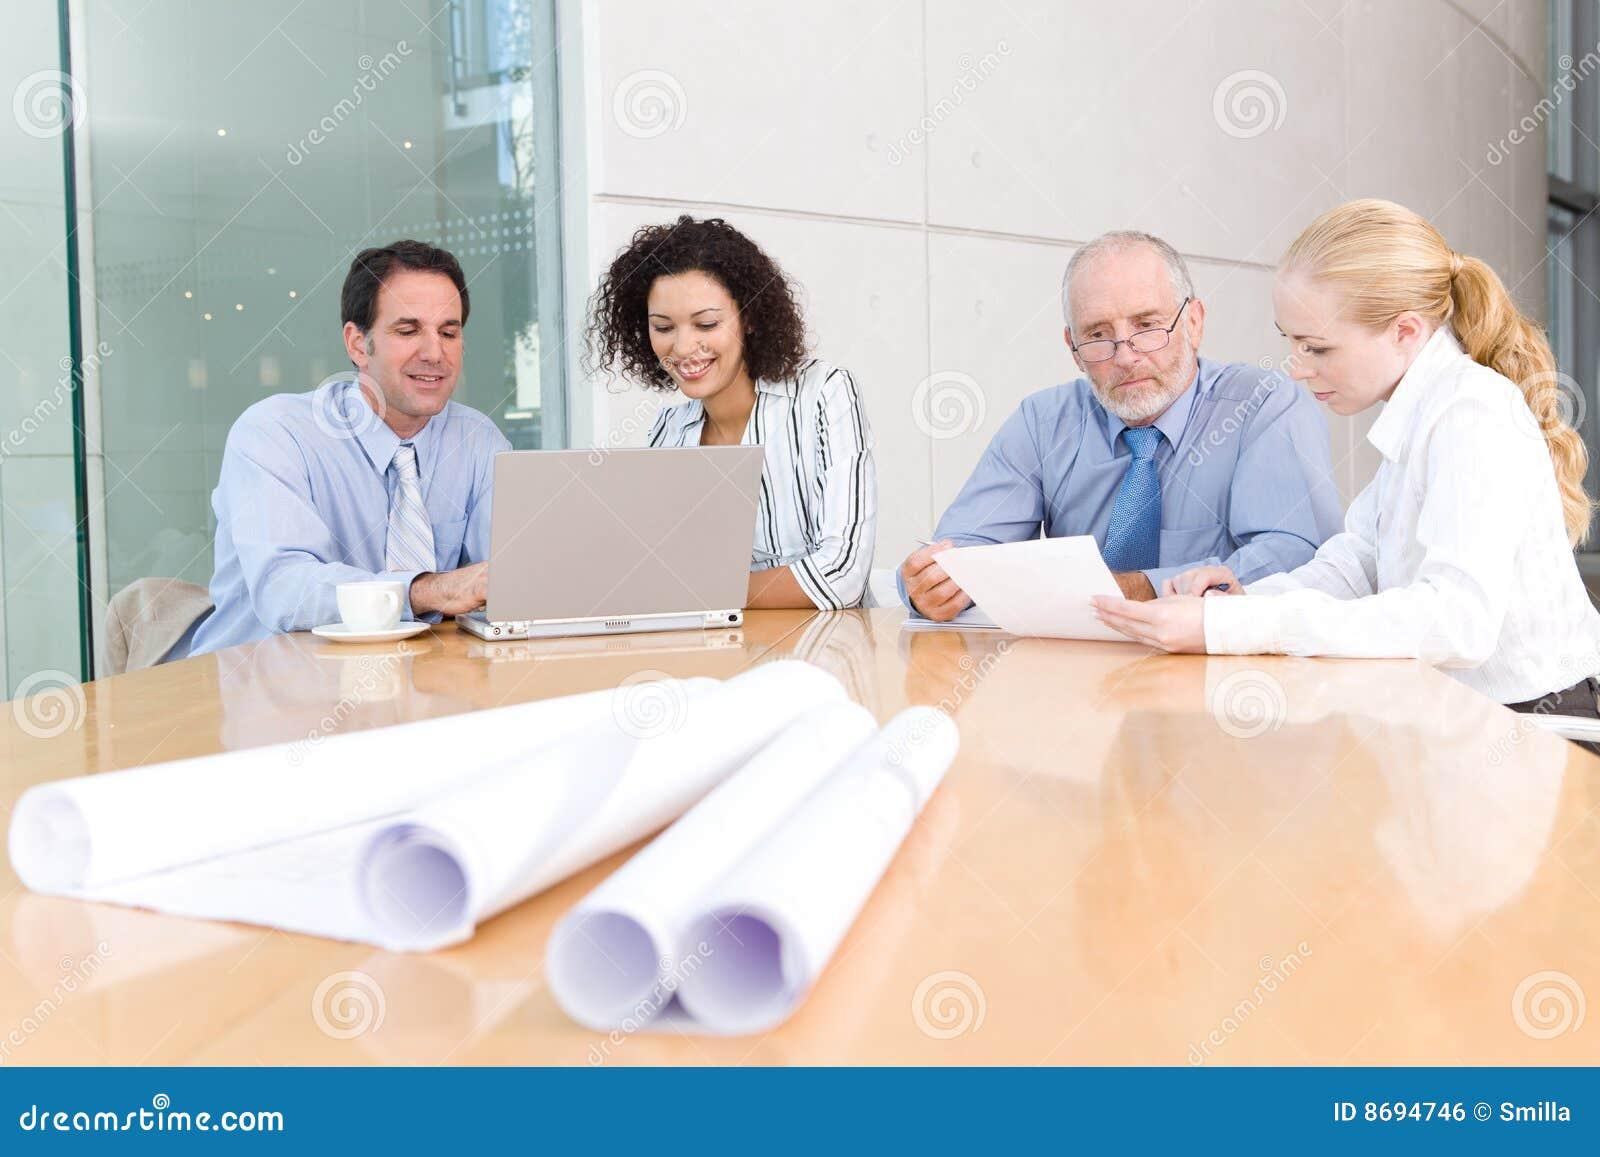 встреча бизнес-группы архитектора